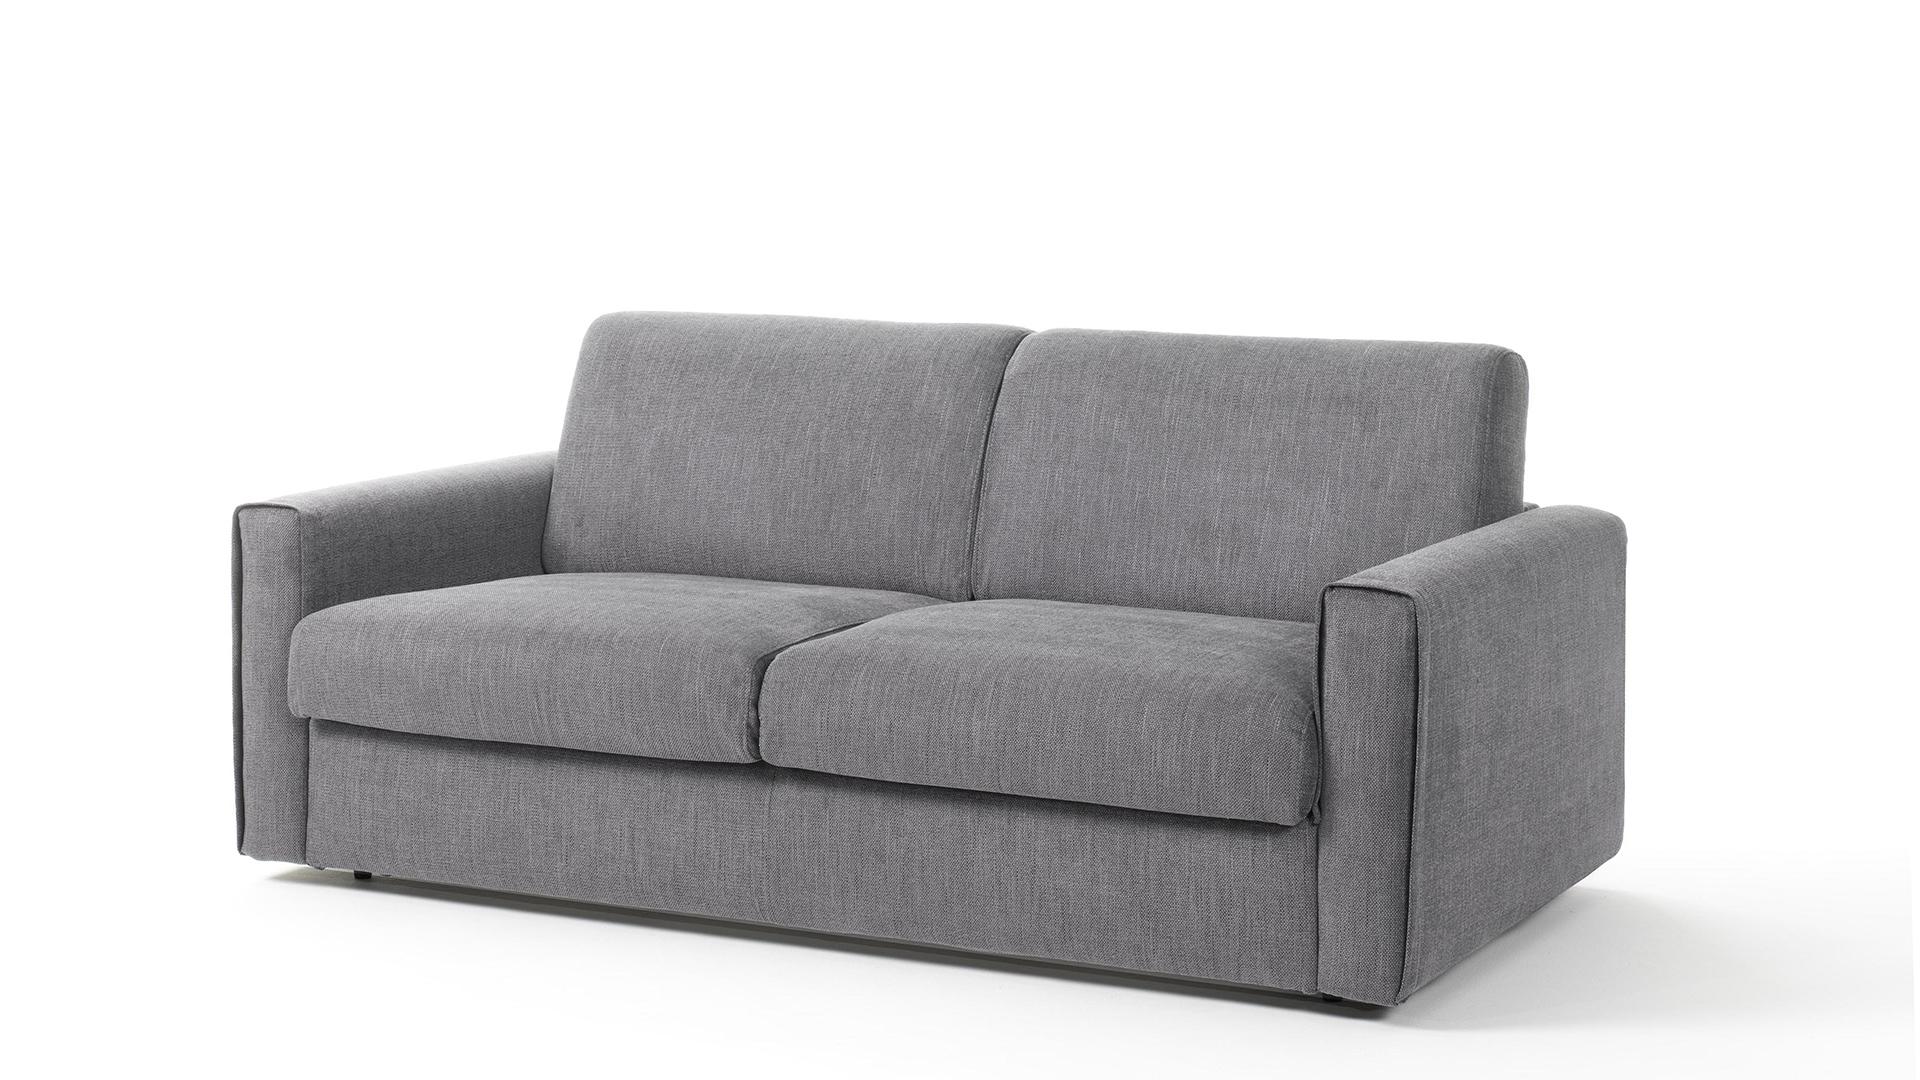 divano-letto-materasso-bracciolo-stretto-monza-murtarelli-salotti